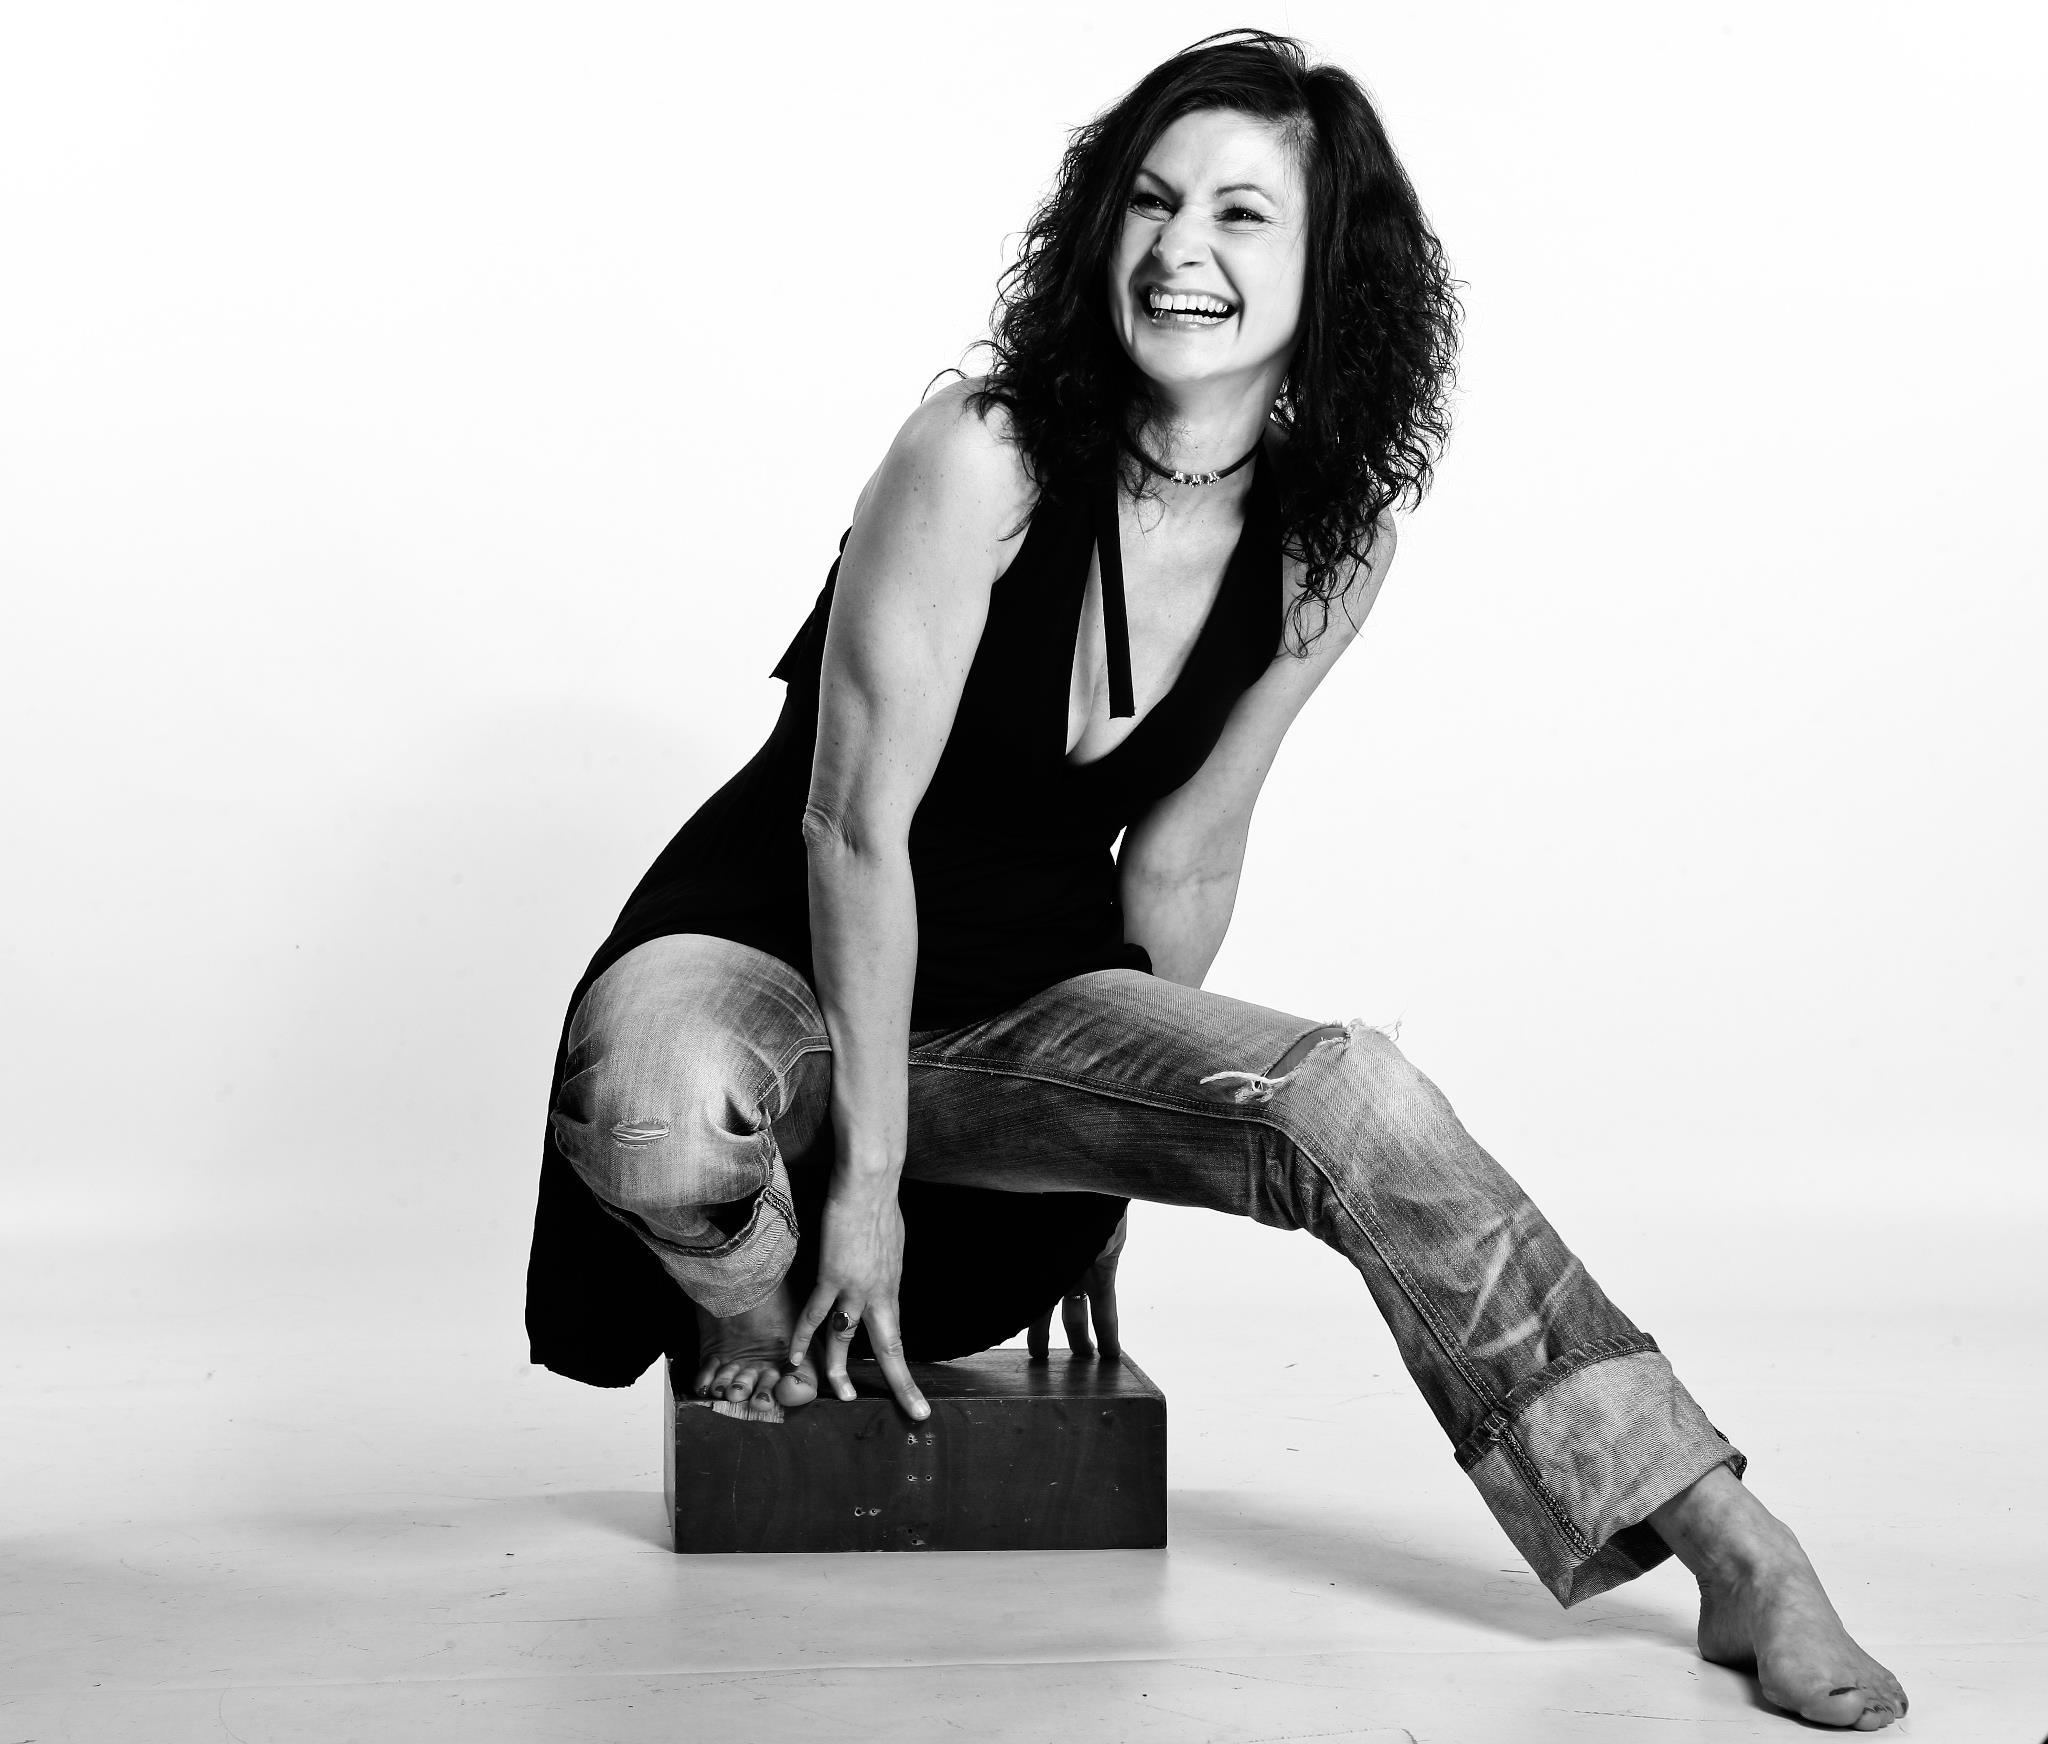 Lili Alcazar